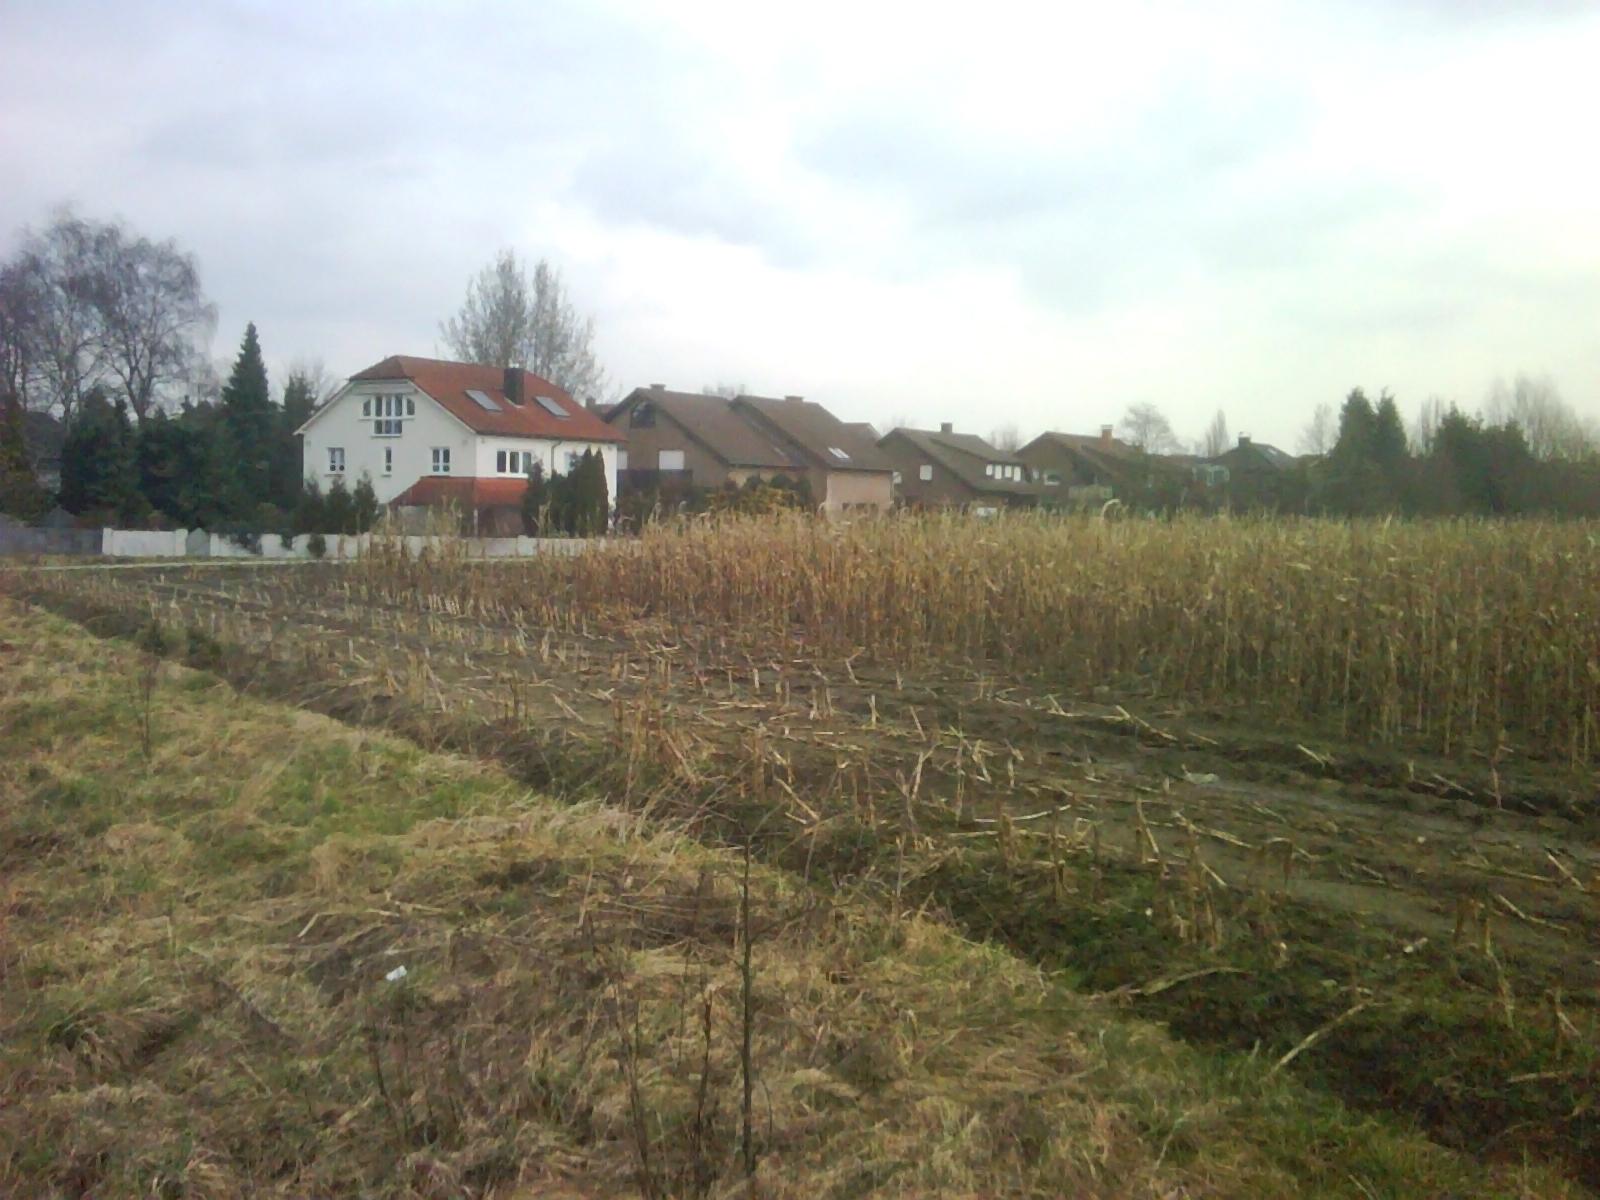 Unser Haus in Waltrop: In diesem Sumpf bauen wir unser Nest